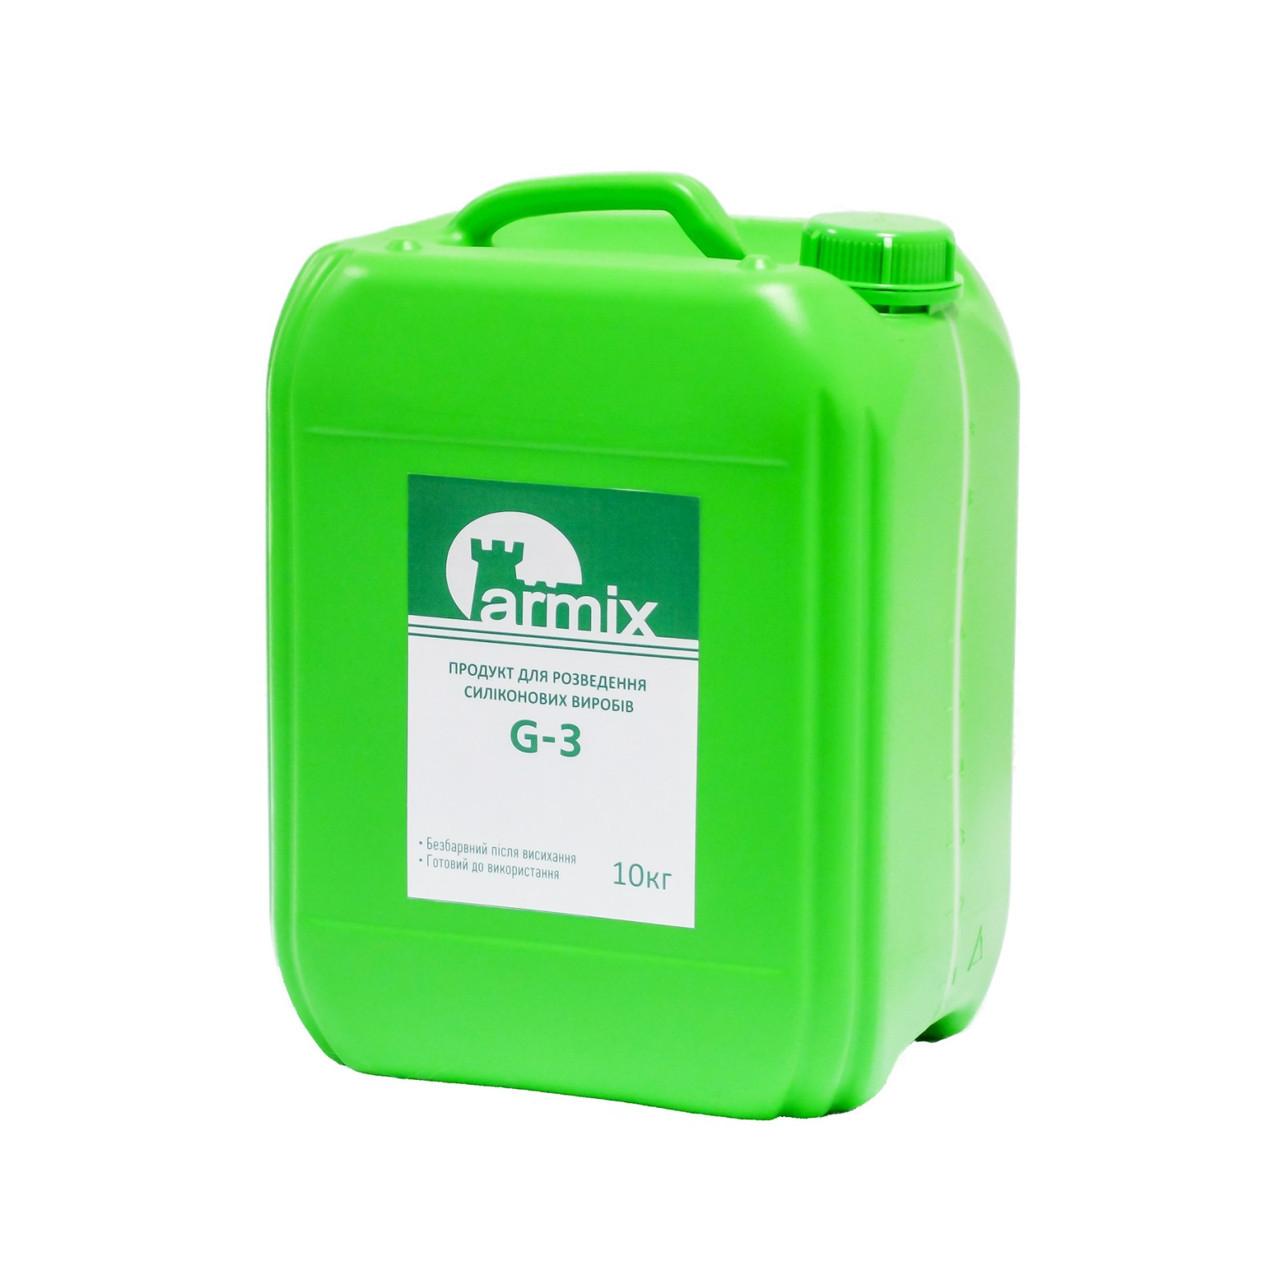 Силіконовий продукт ARMIX G-3,  грунтовка для розведення силіконових виробів Армікс